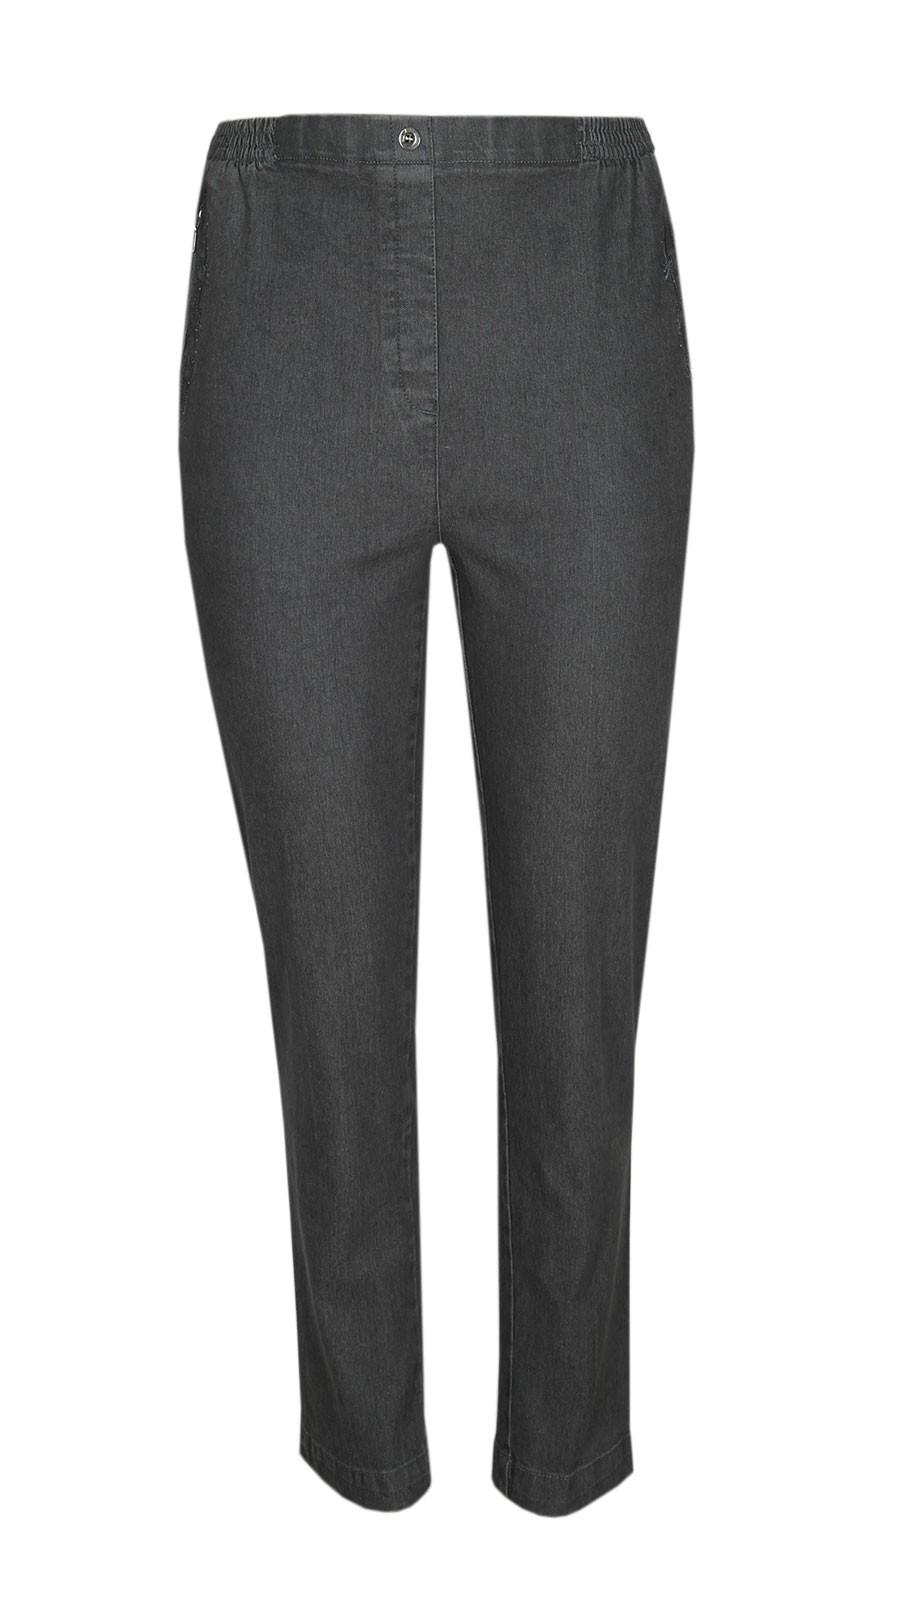 Damen Stretch Jeans Schlupfhose Schlupfjeans K-Größen - Herbst-Winter-Kollektion - grau